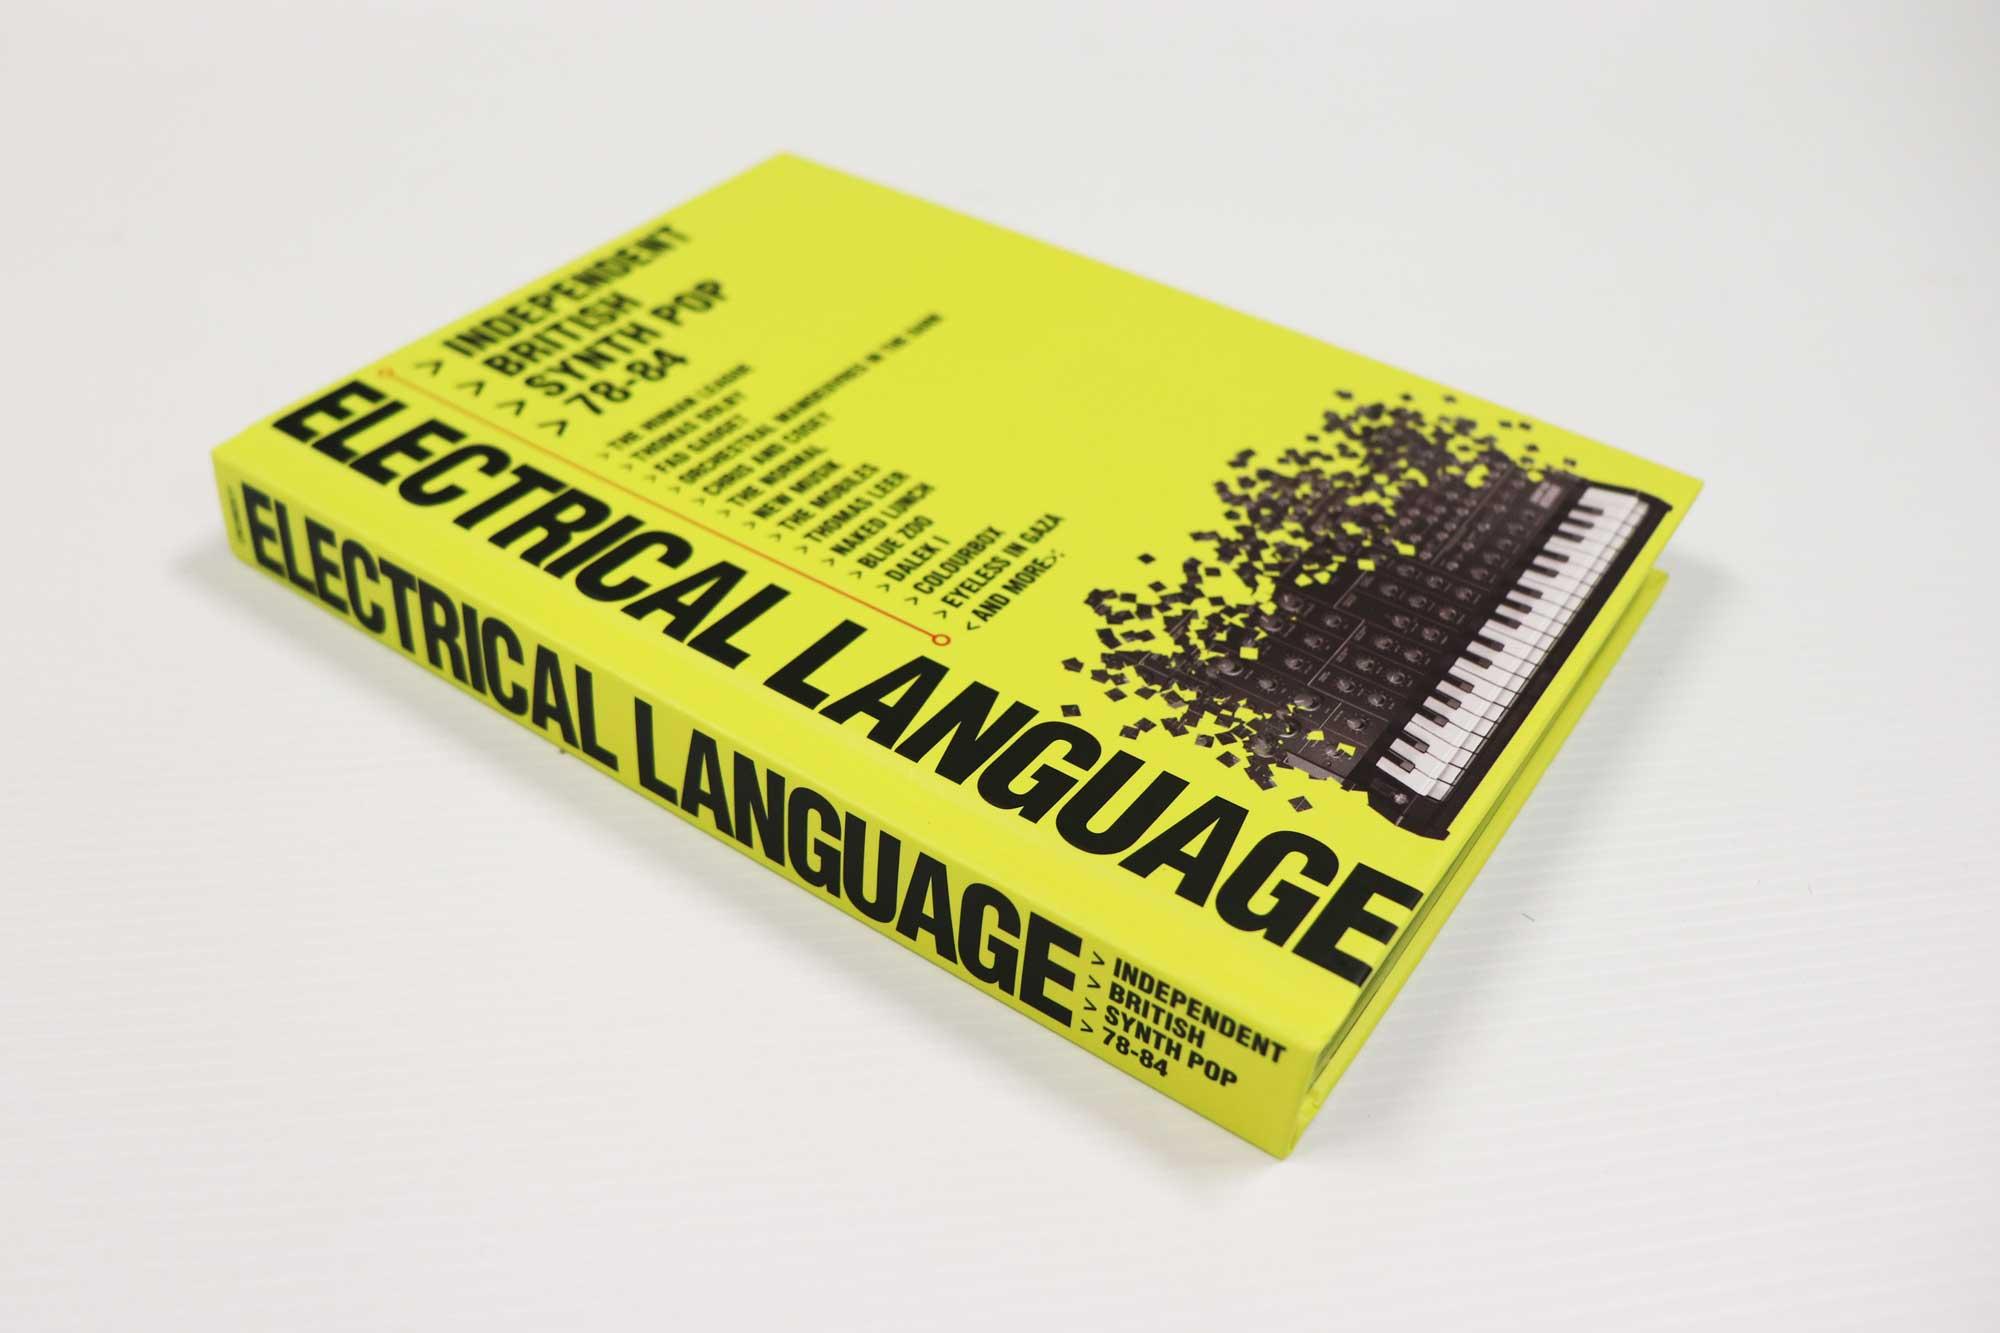 """Résultat de recherche d'images pour """"cherry red electrical language"""""""